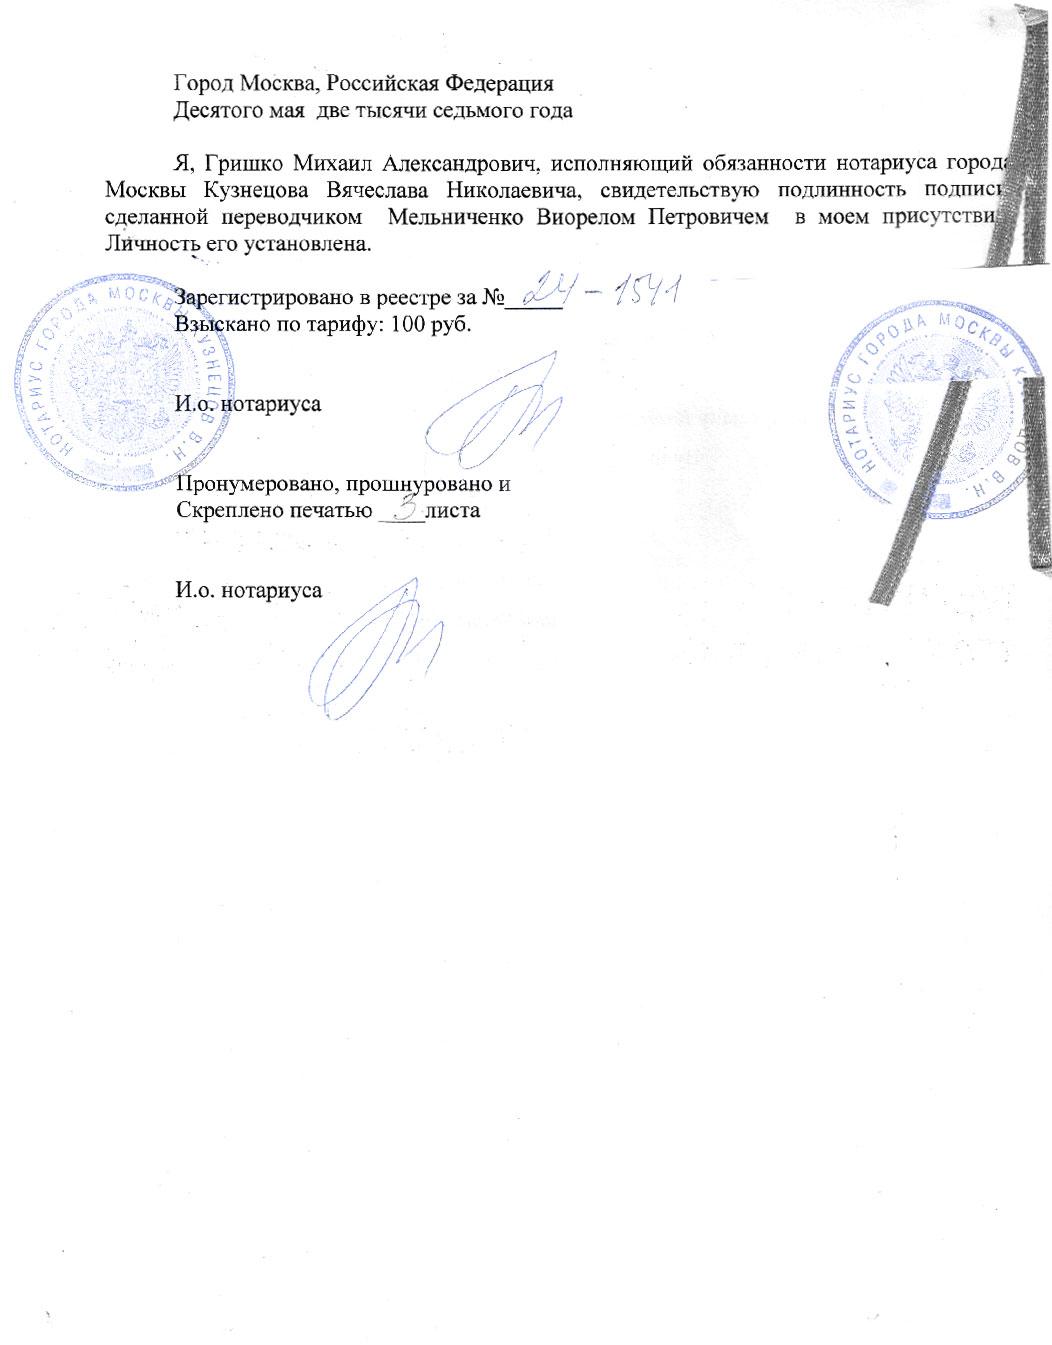 Нотариальный перевод документов - Санкт-Петербург